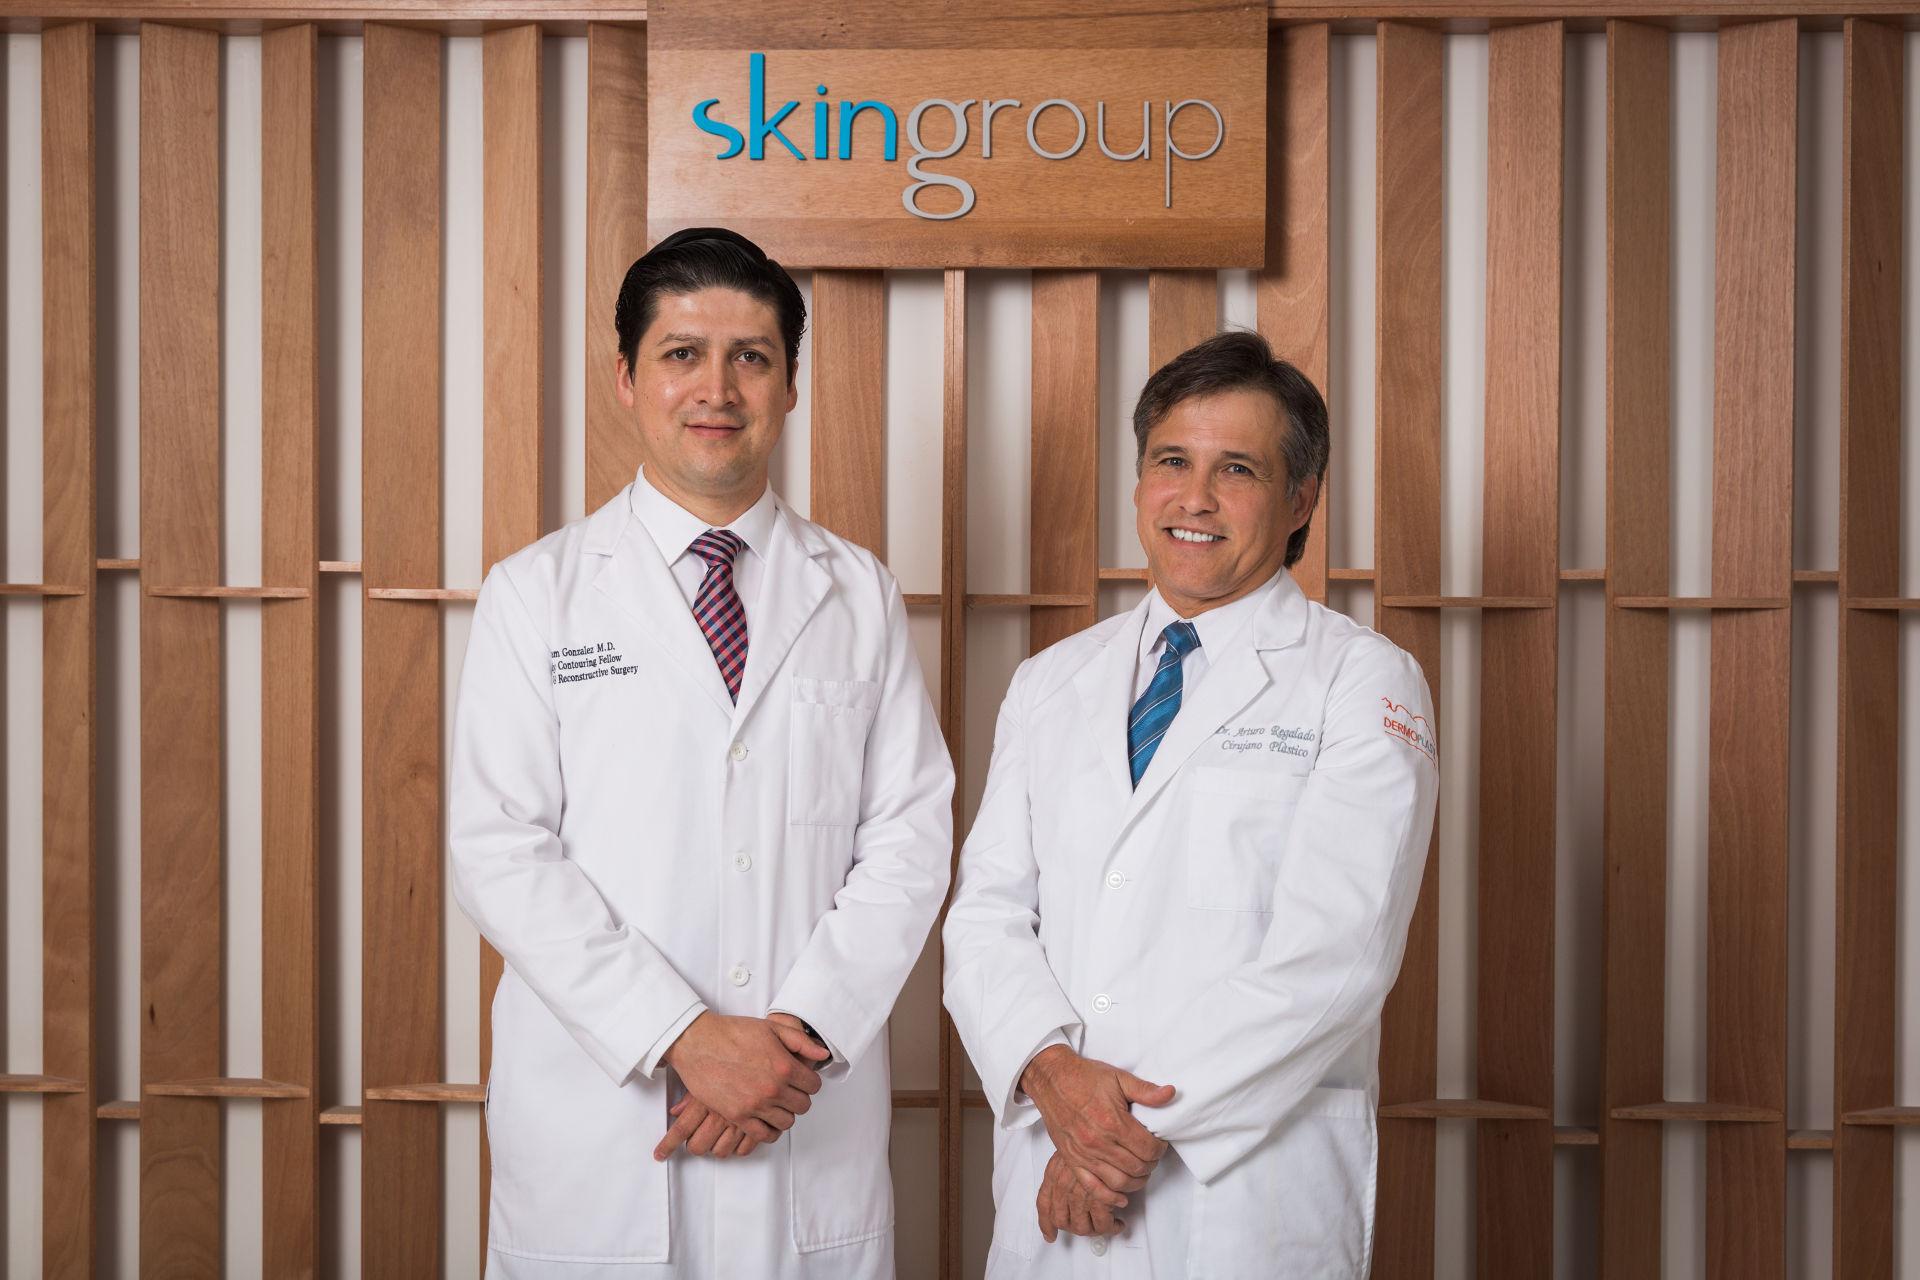 Cirujanos Plasticos - Dr. Iram Gonzalez y Dr Arturo Regalado